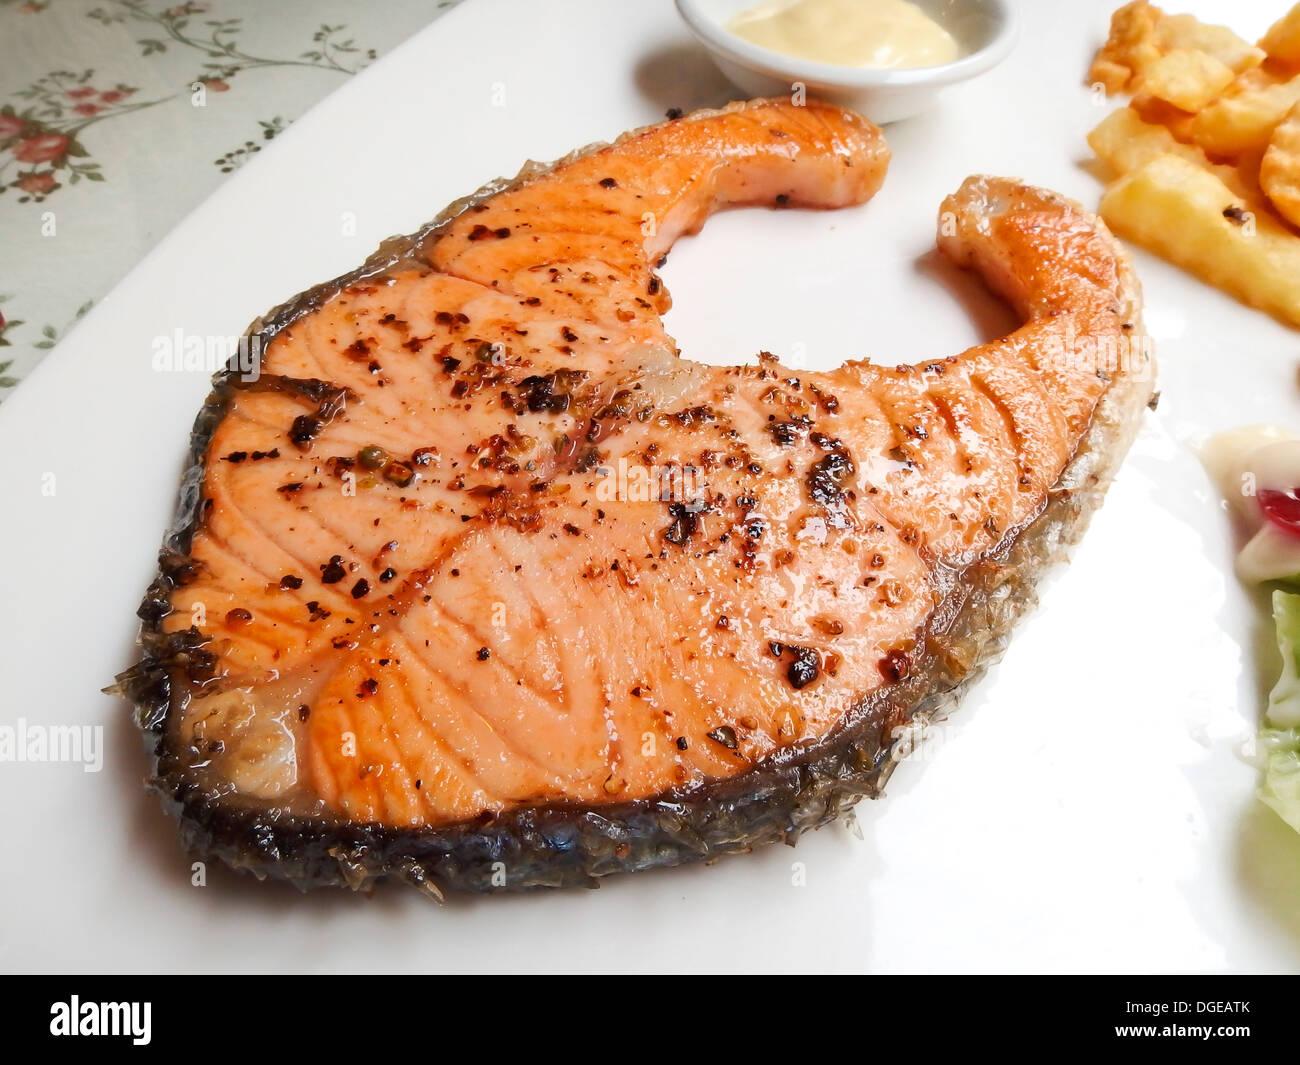 Salmon Steak on white dish - Stock Image